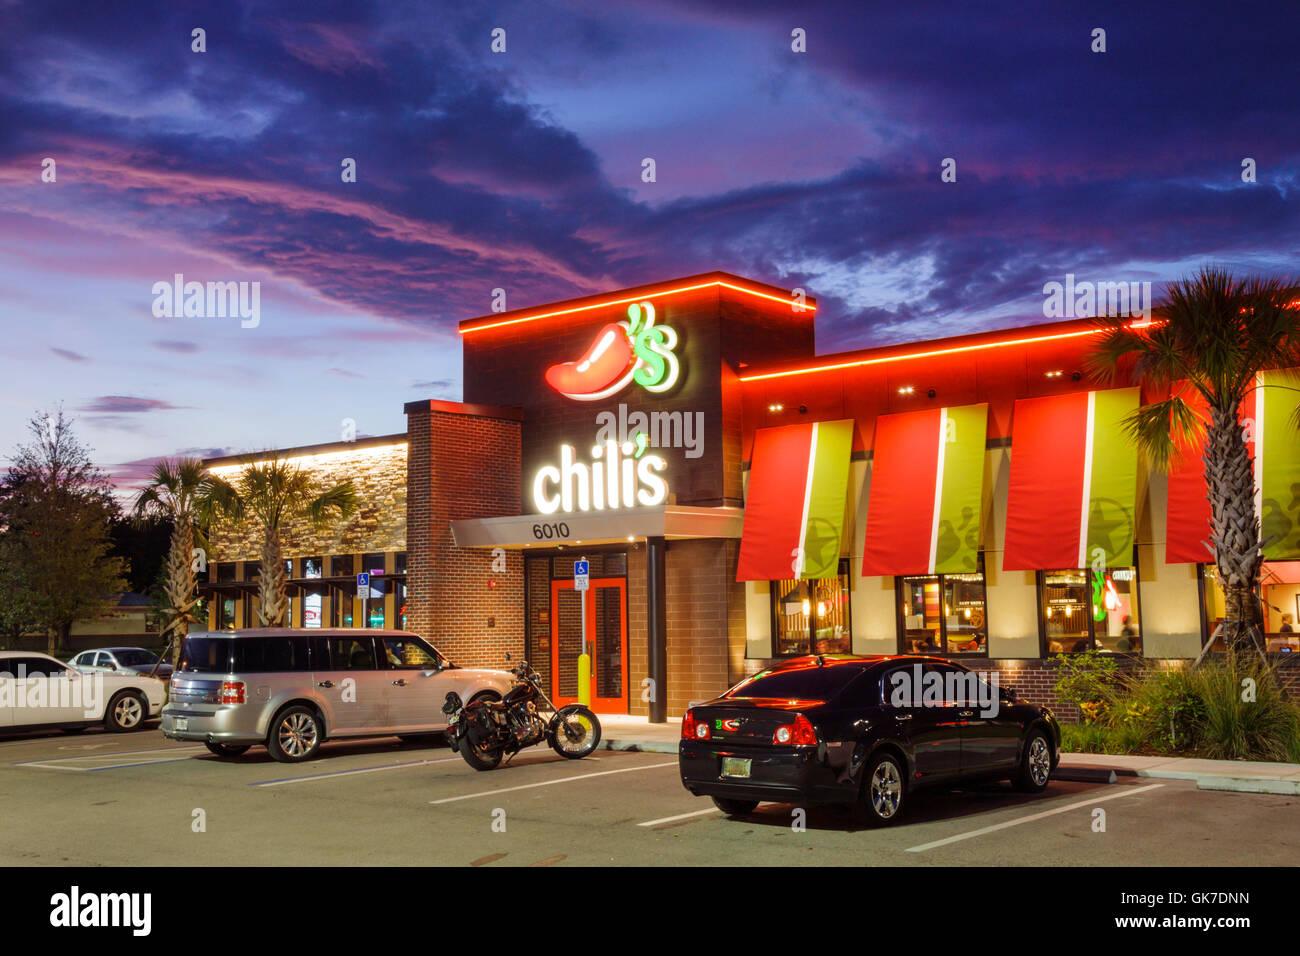 Florida Ellenton Chili-Restaurant-Kette franchise Geschäft lässig Restaurants Gebäude außen Stockbild